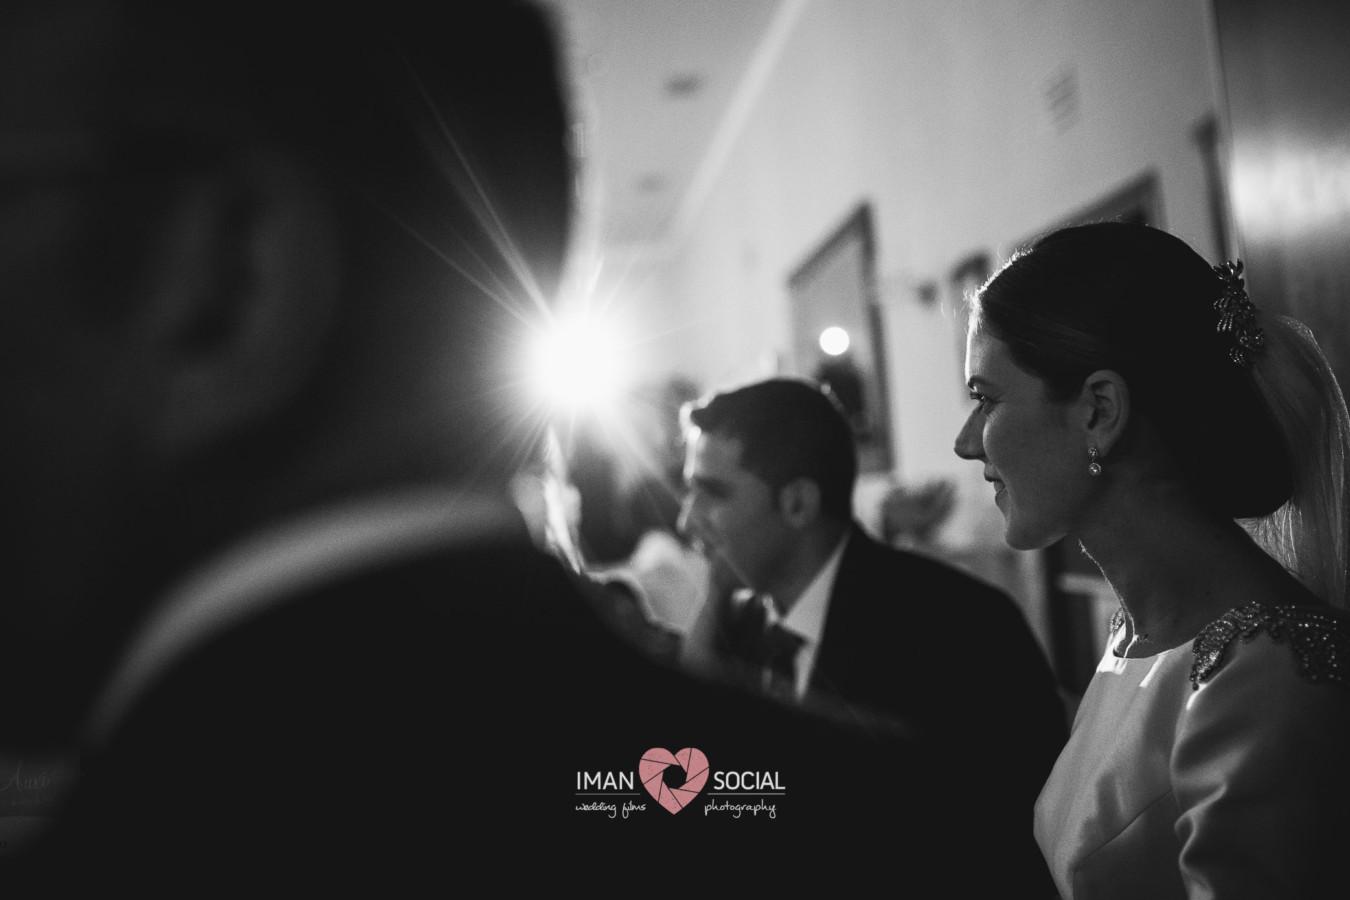 fotografo-de-boda-en-cordoba-sevilla-posadas-boda-auxi-y-antonio-34 Auxi & Antonio, primera boda de la temporada - video boda cordoba